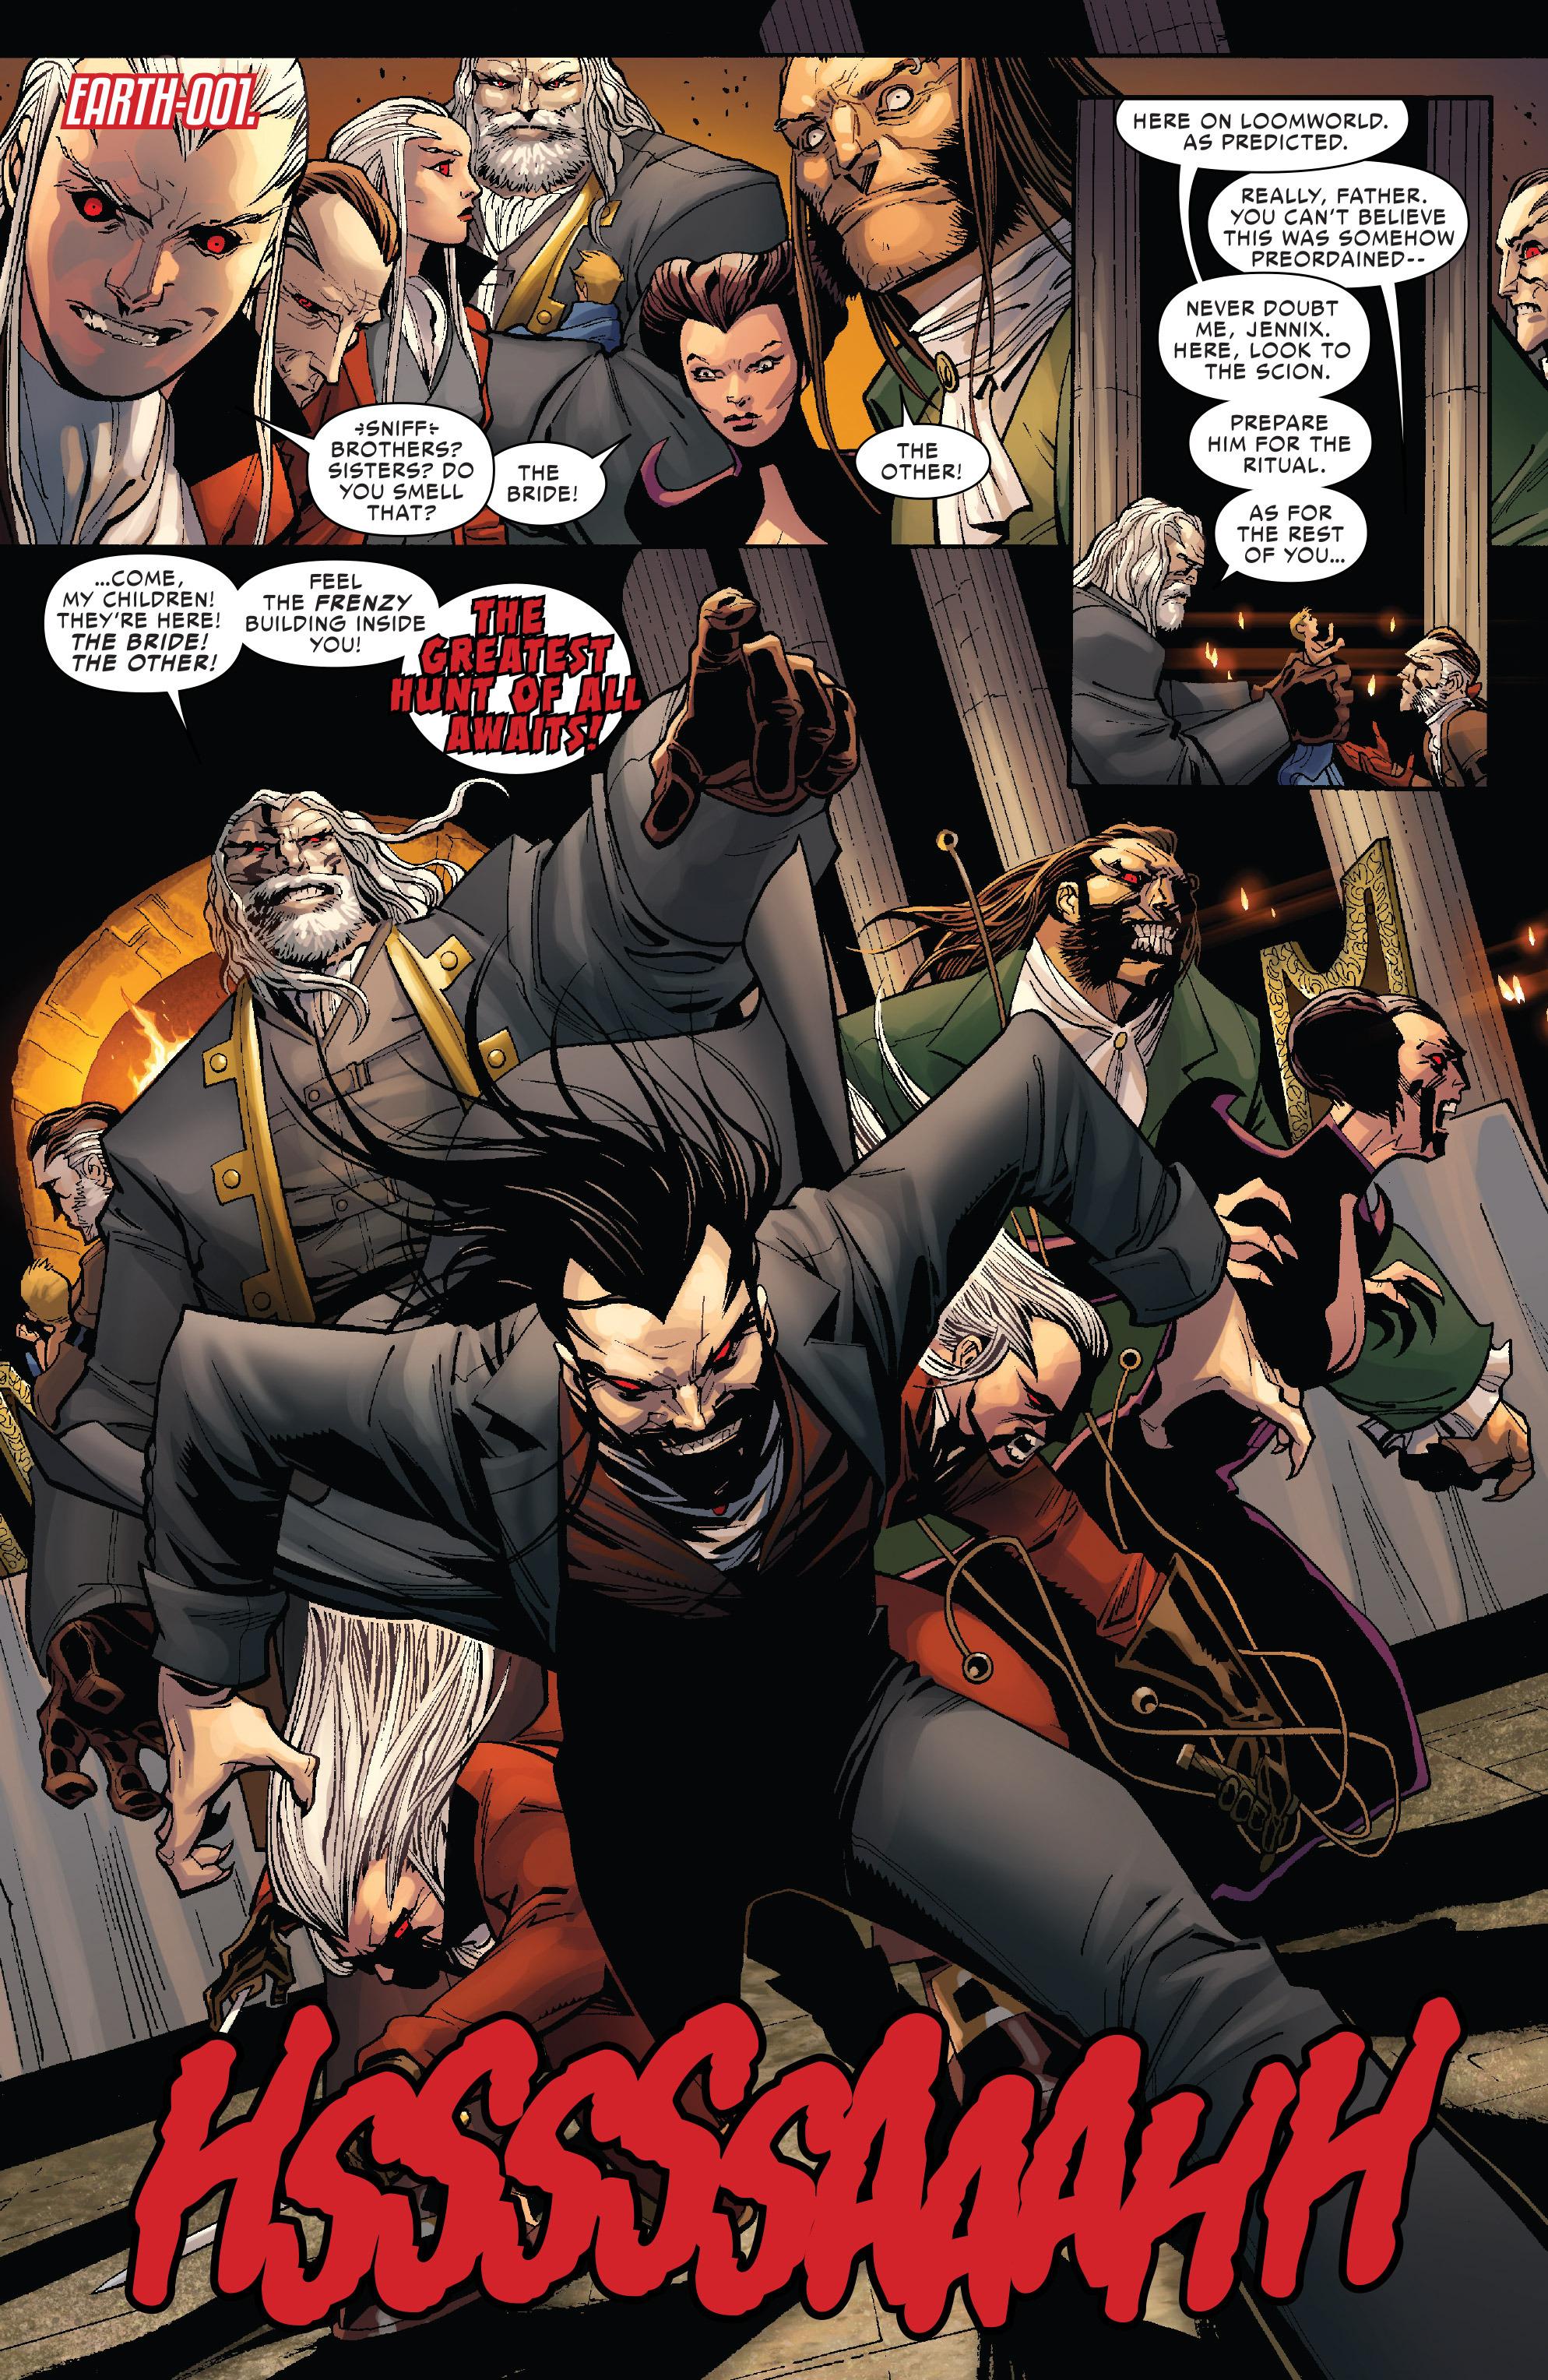 AmazingSpider-Man(2014)#13--p12